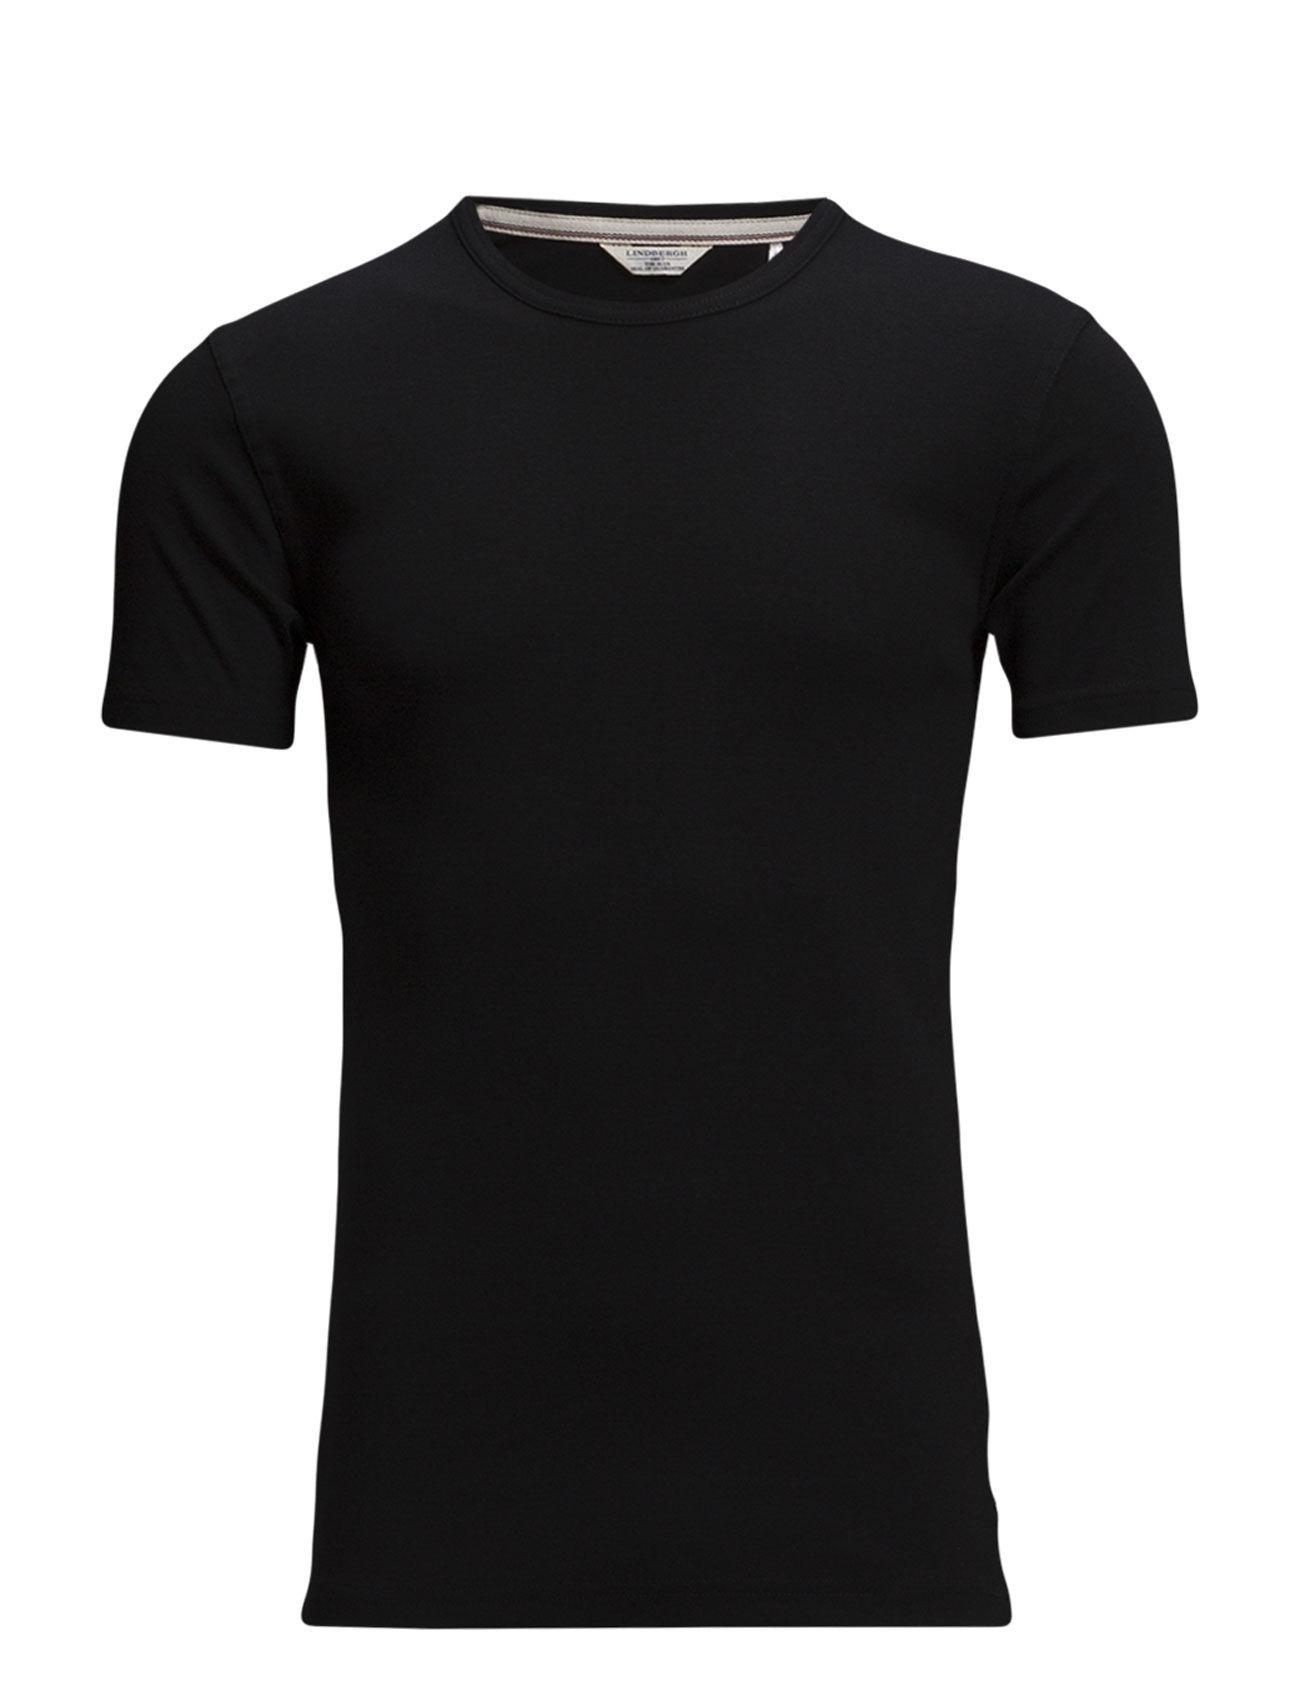 Lindbergh Basic t shirts Ögrönlar